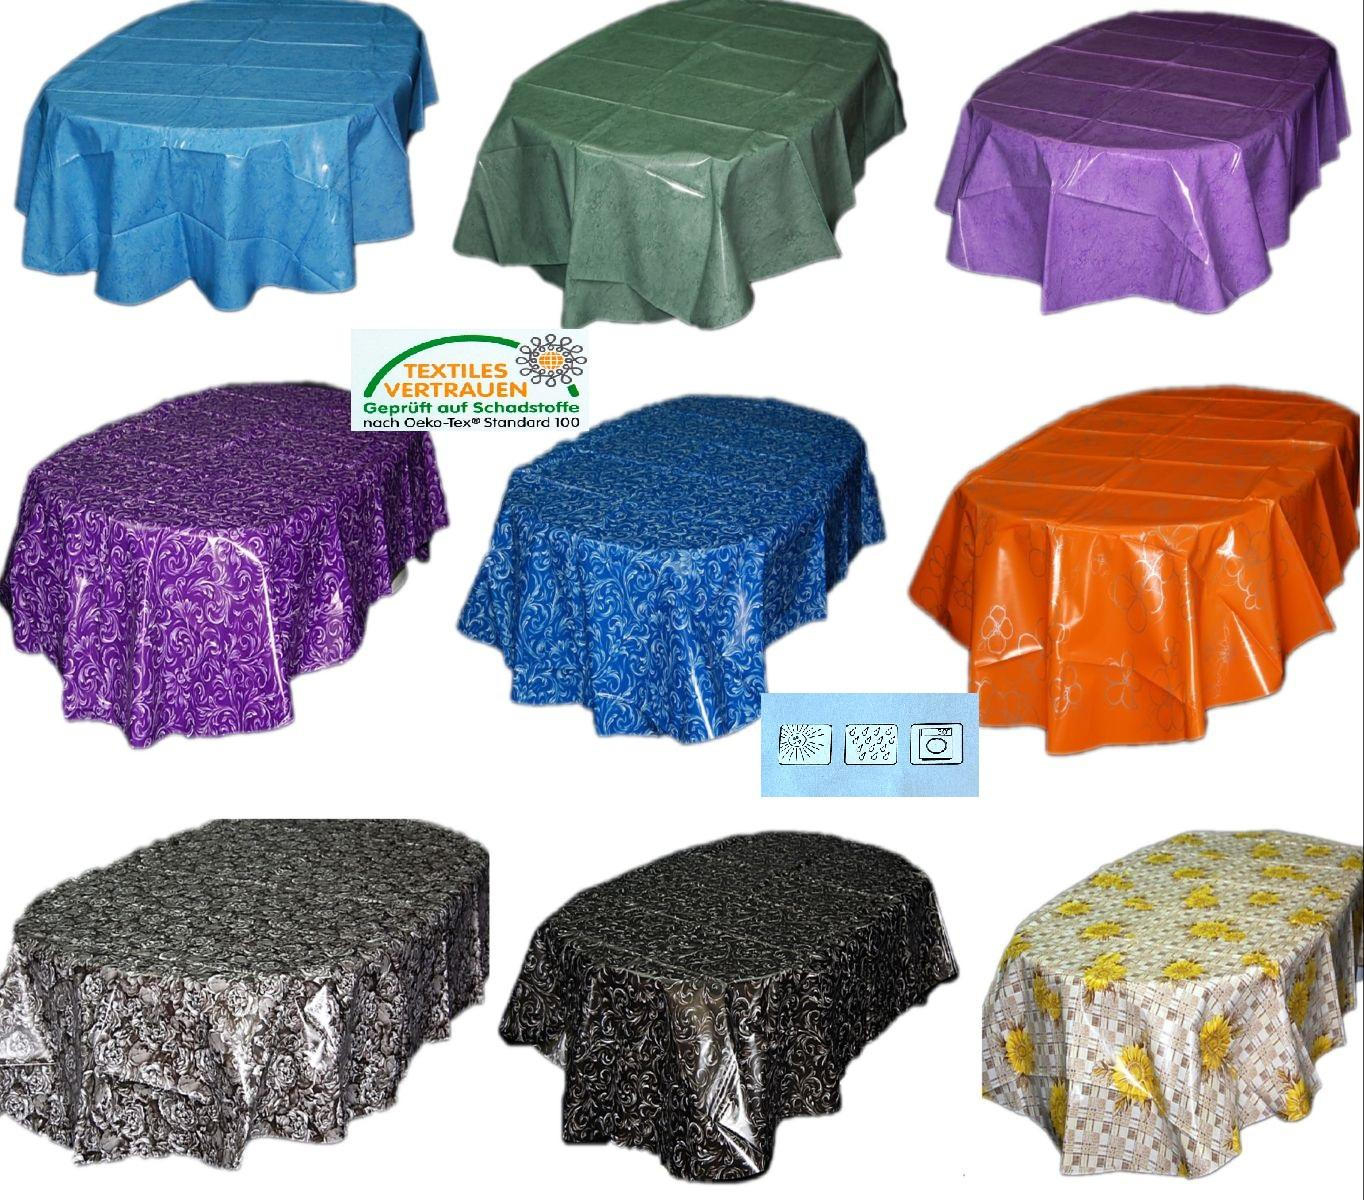 tischdecke serviette brotkorb mitteldecke gardine rot wei. Black Bedroom Furniture Sets. Home Design Ideas